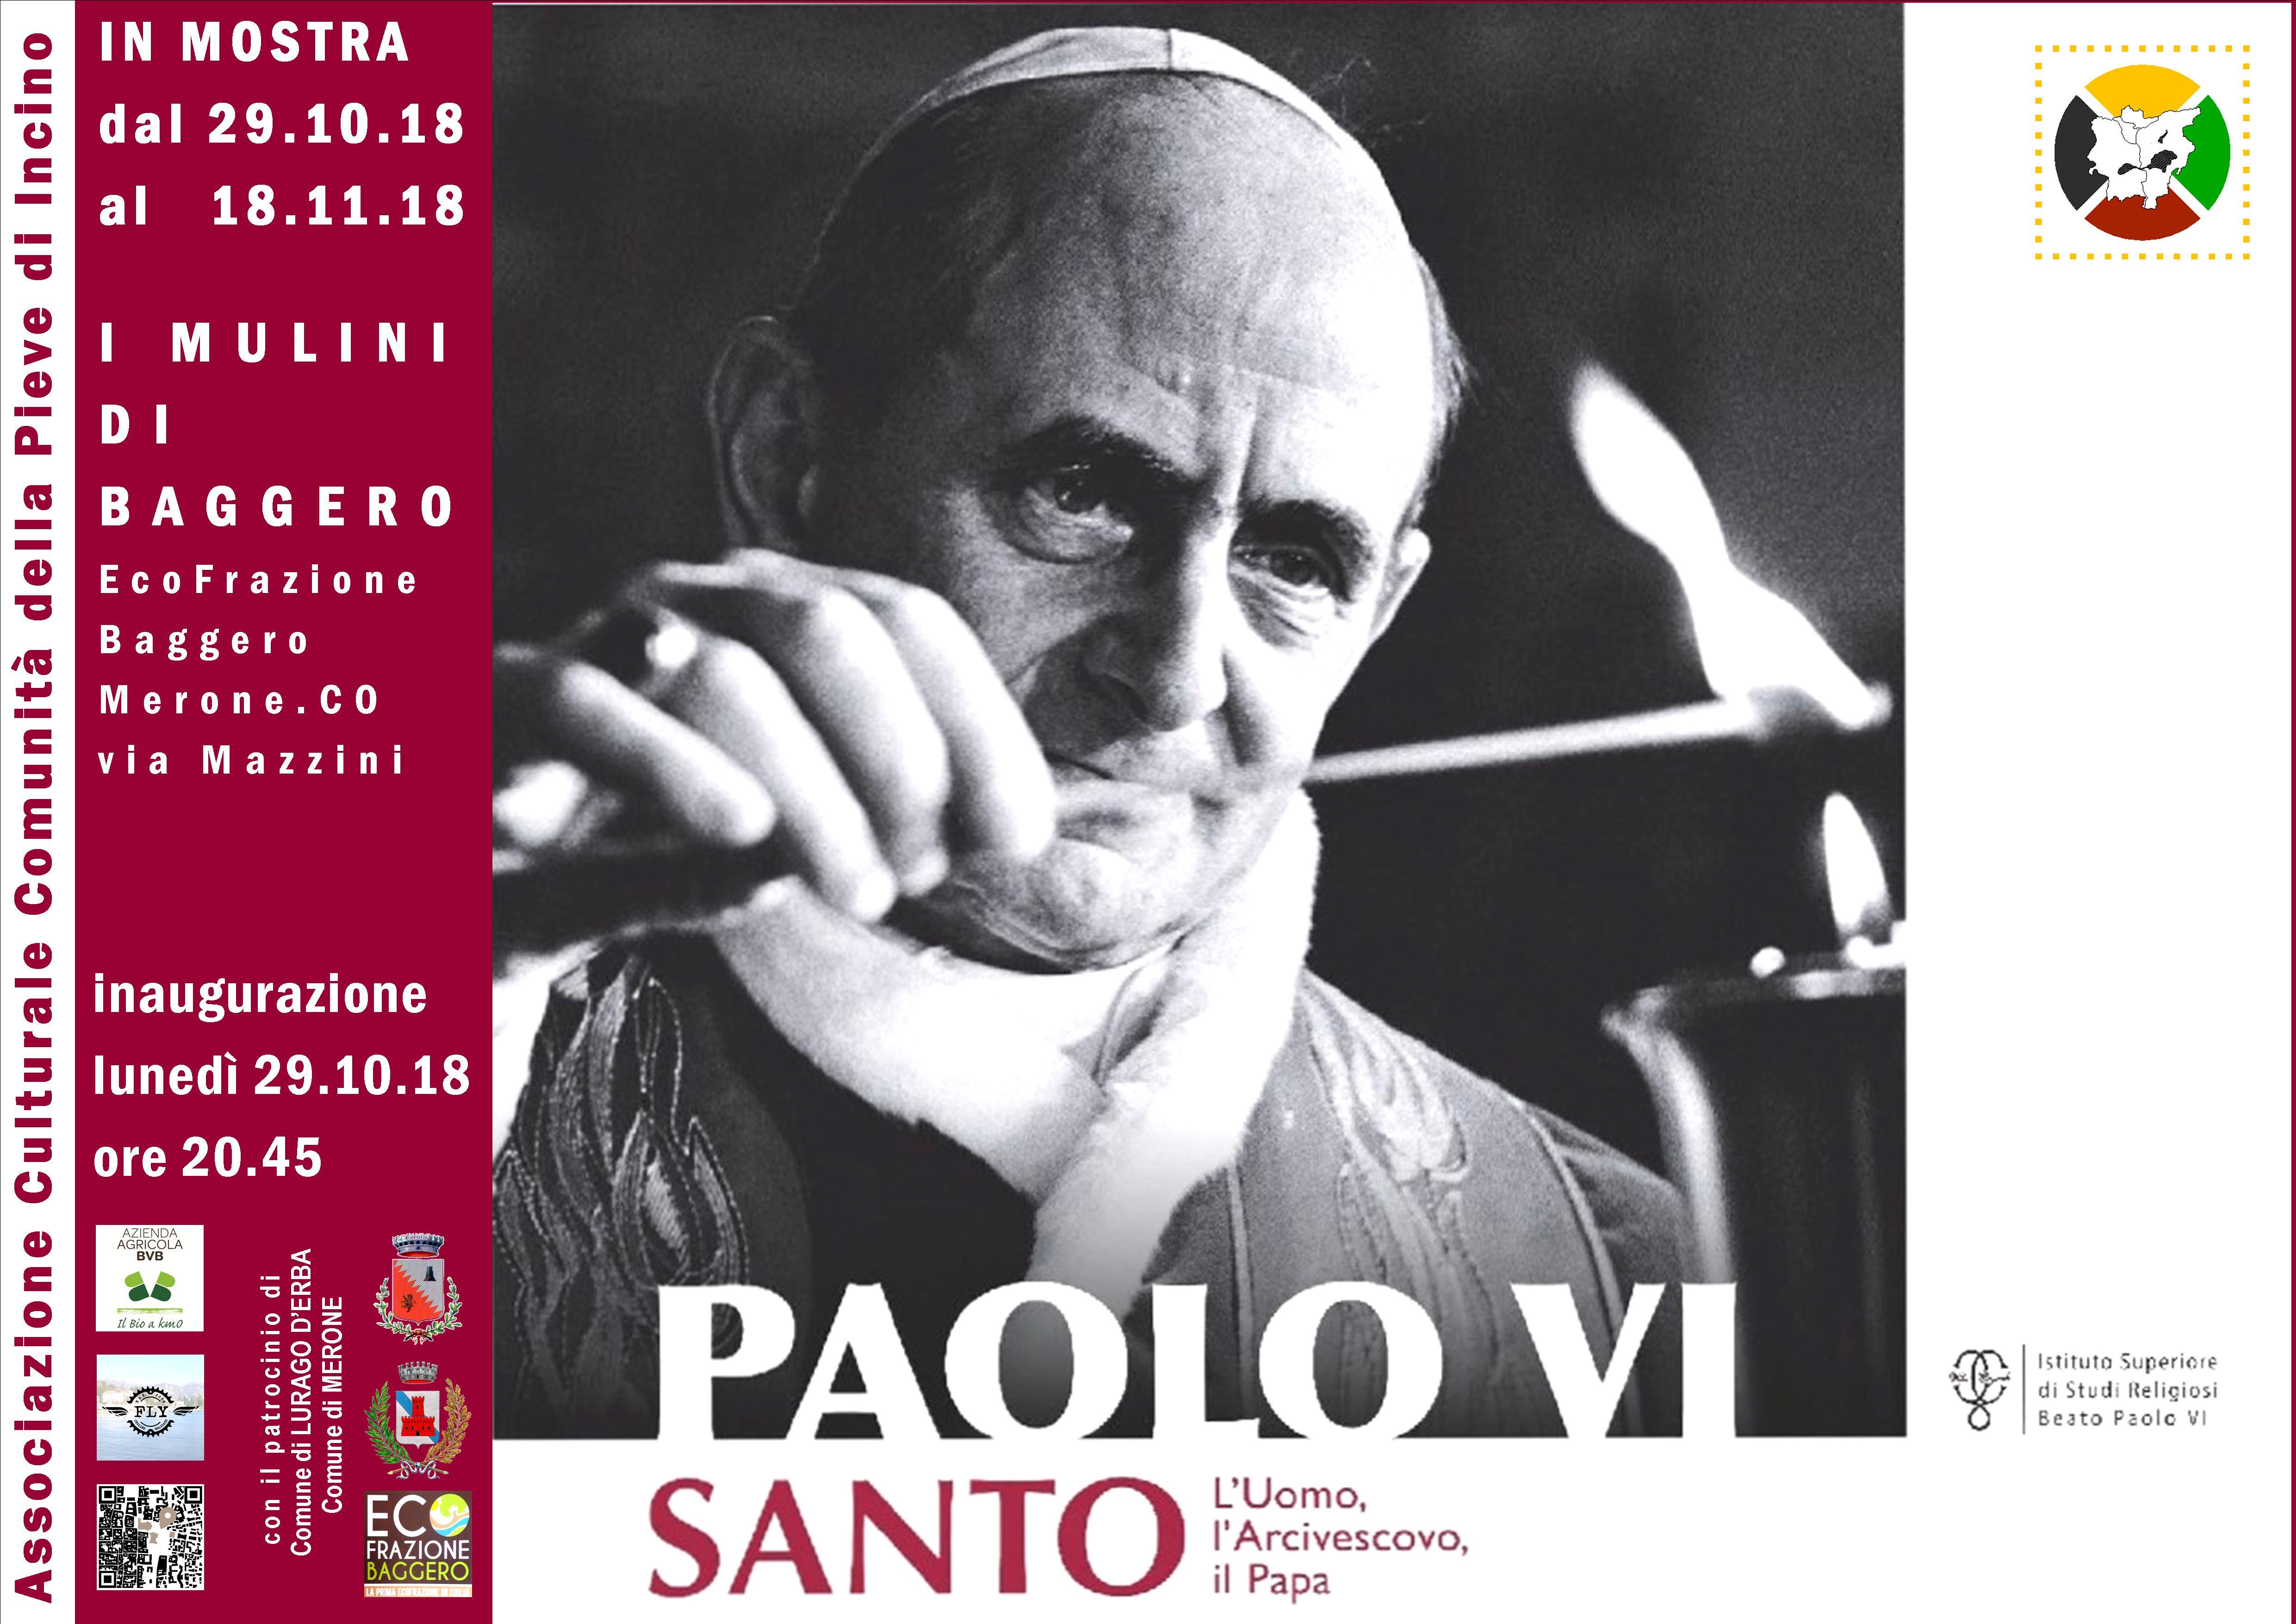 Merone Paolo VI Mostra